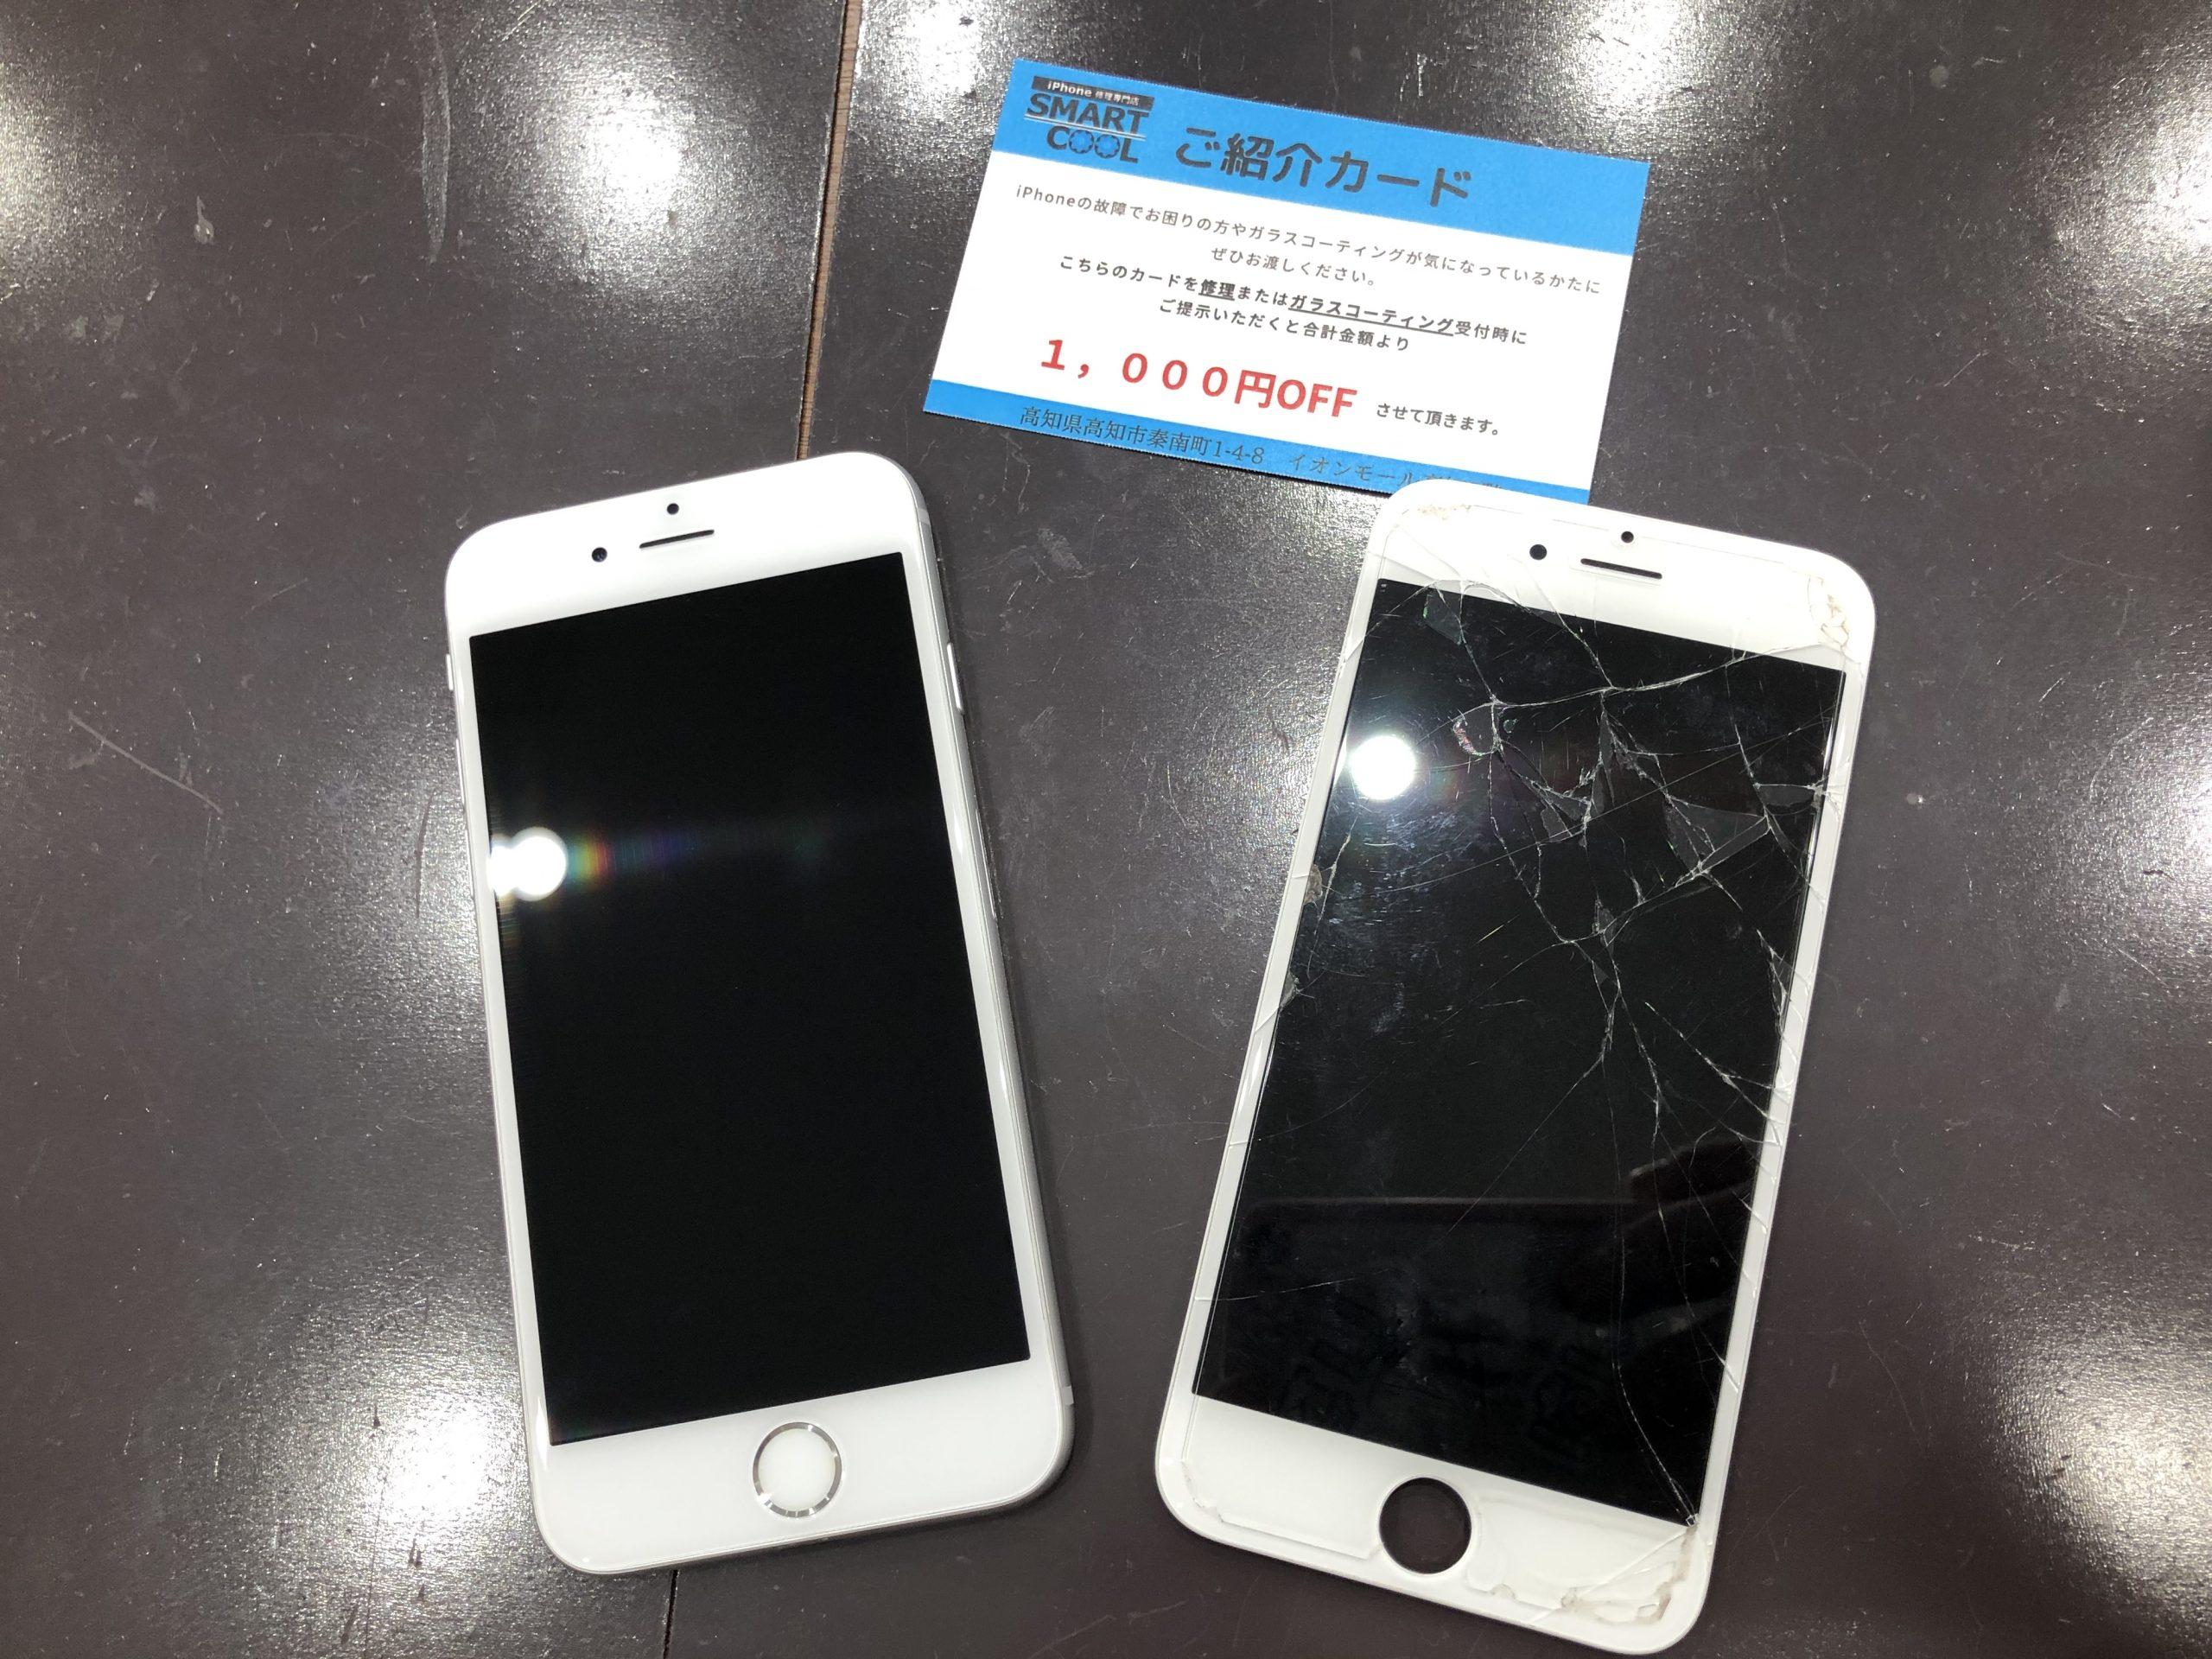 紹介制度を利用してお得にiPhone修理をしましょう♪修理はみんなで当店へ✨